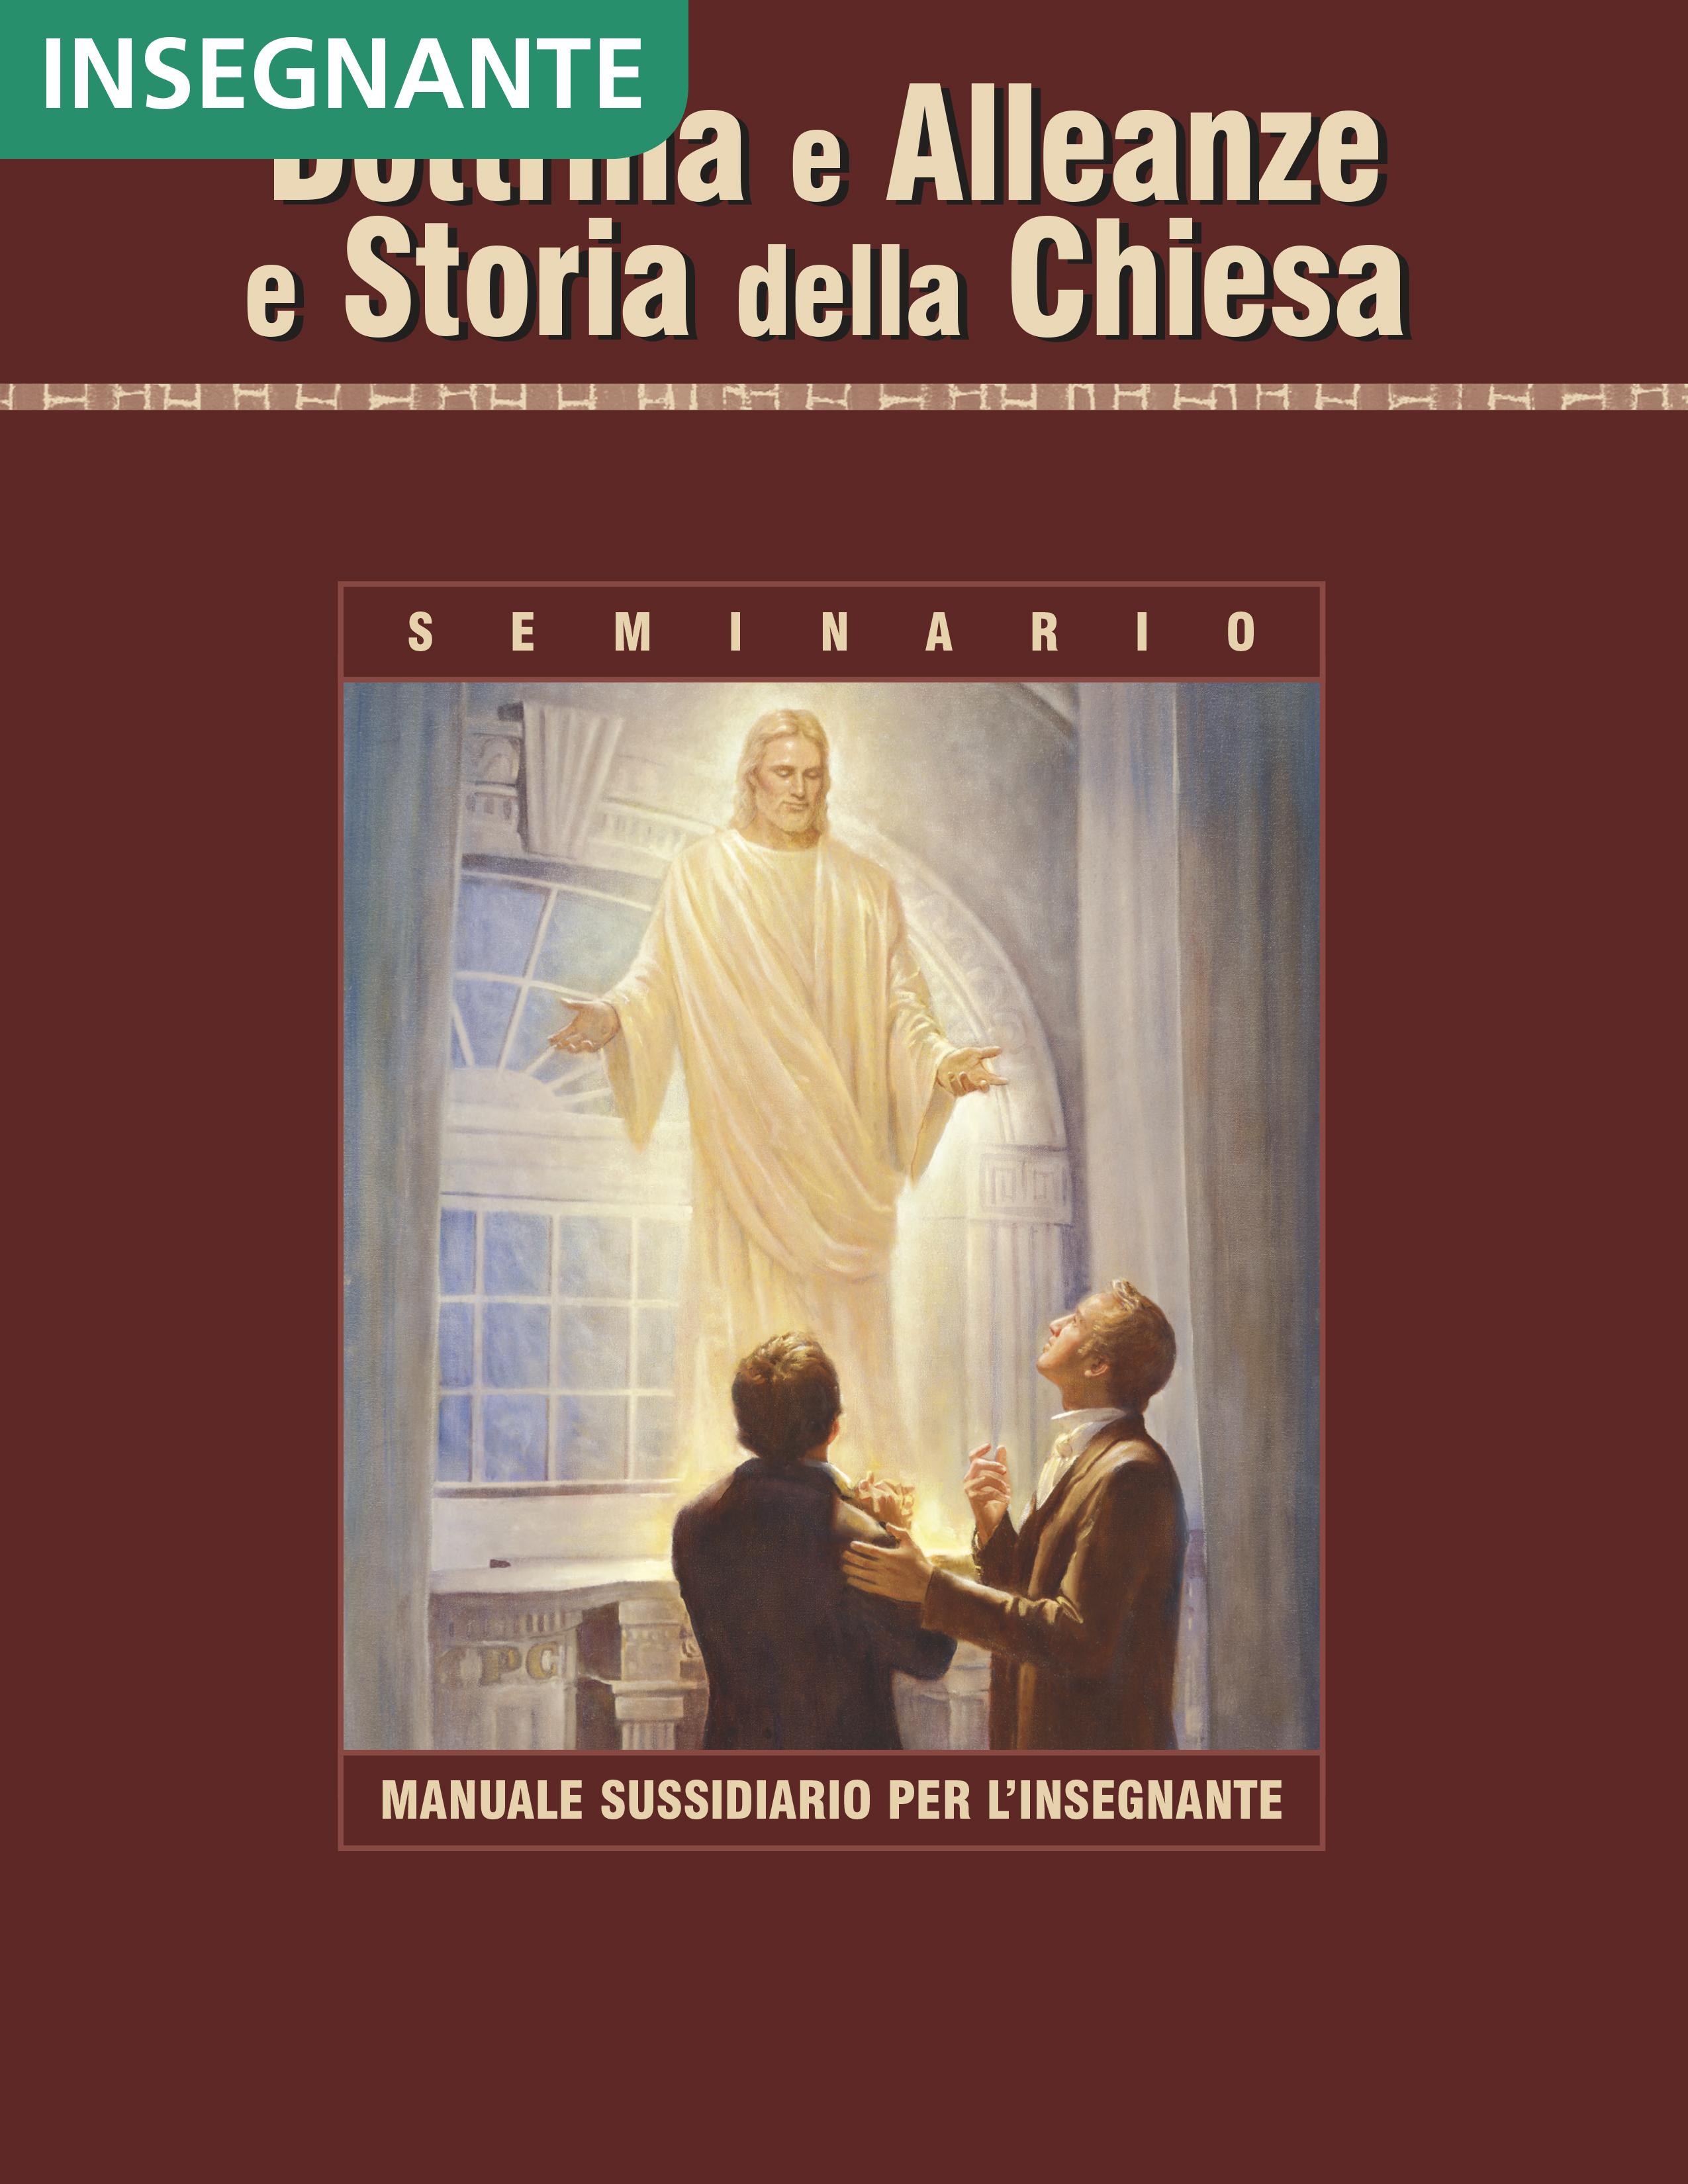 Dottrina e Alleanze e storia della Chiesa – Manuale sussidiario per l'insegnante di Seminario